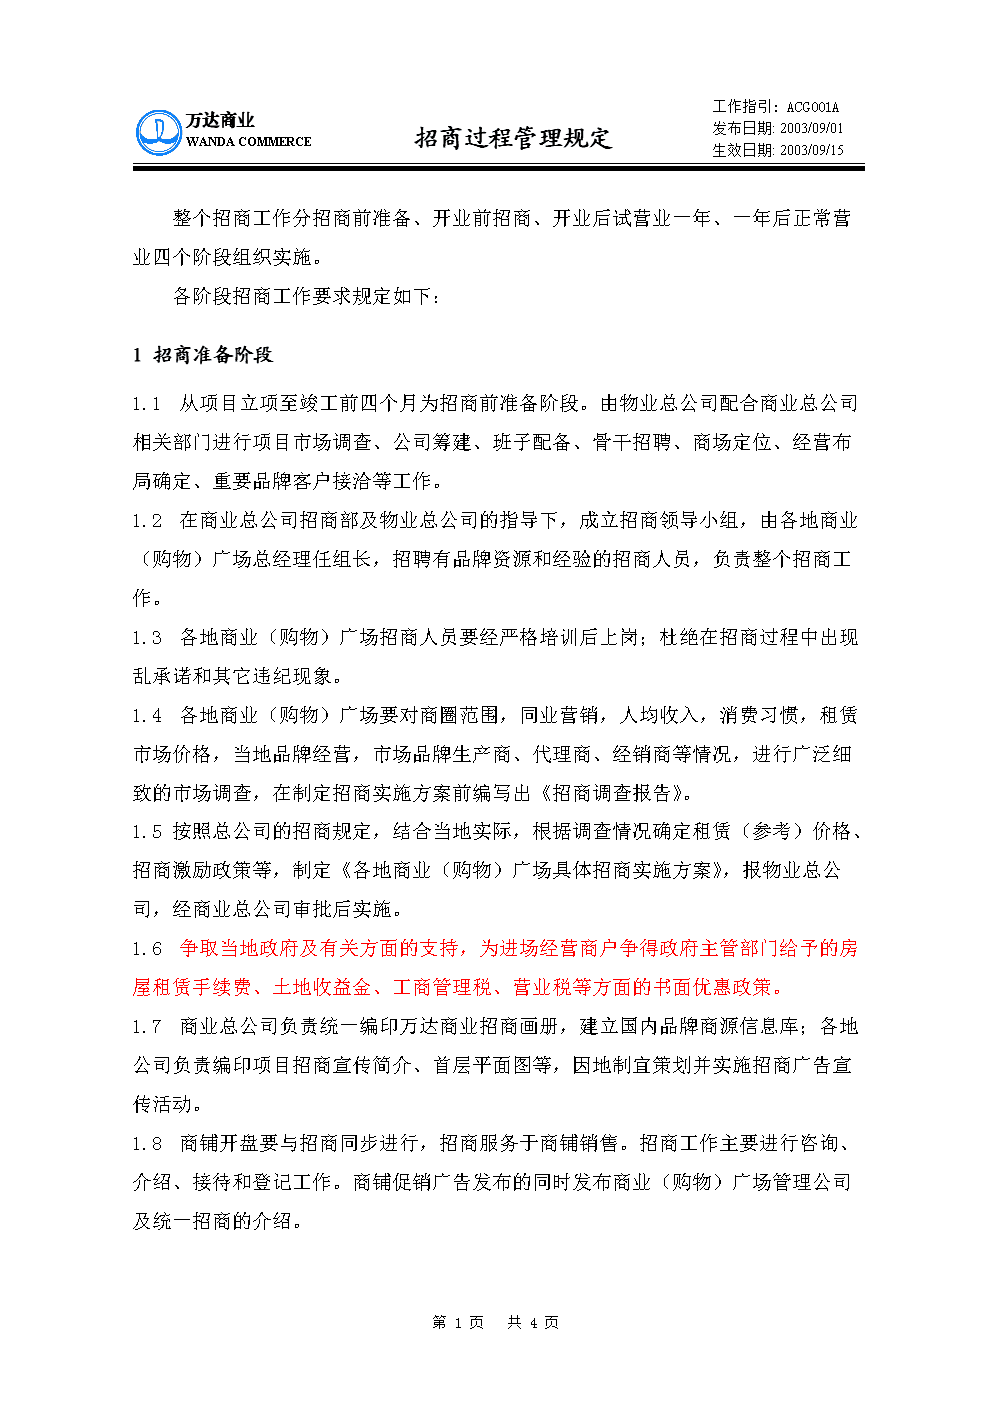 万达广场商业管理资料之-万达招商过程管理规定.doc